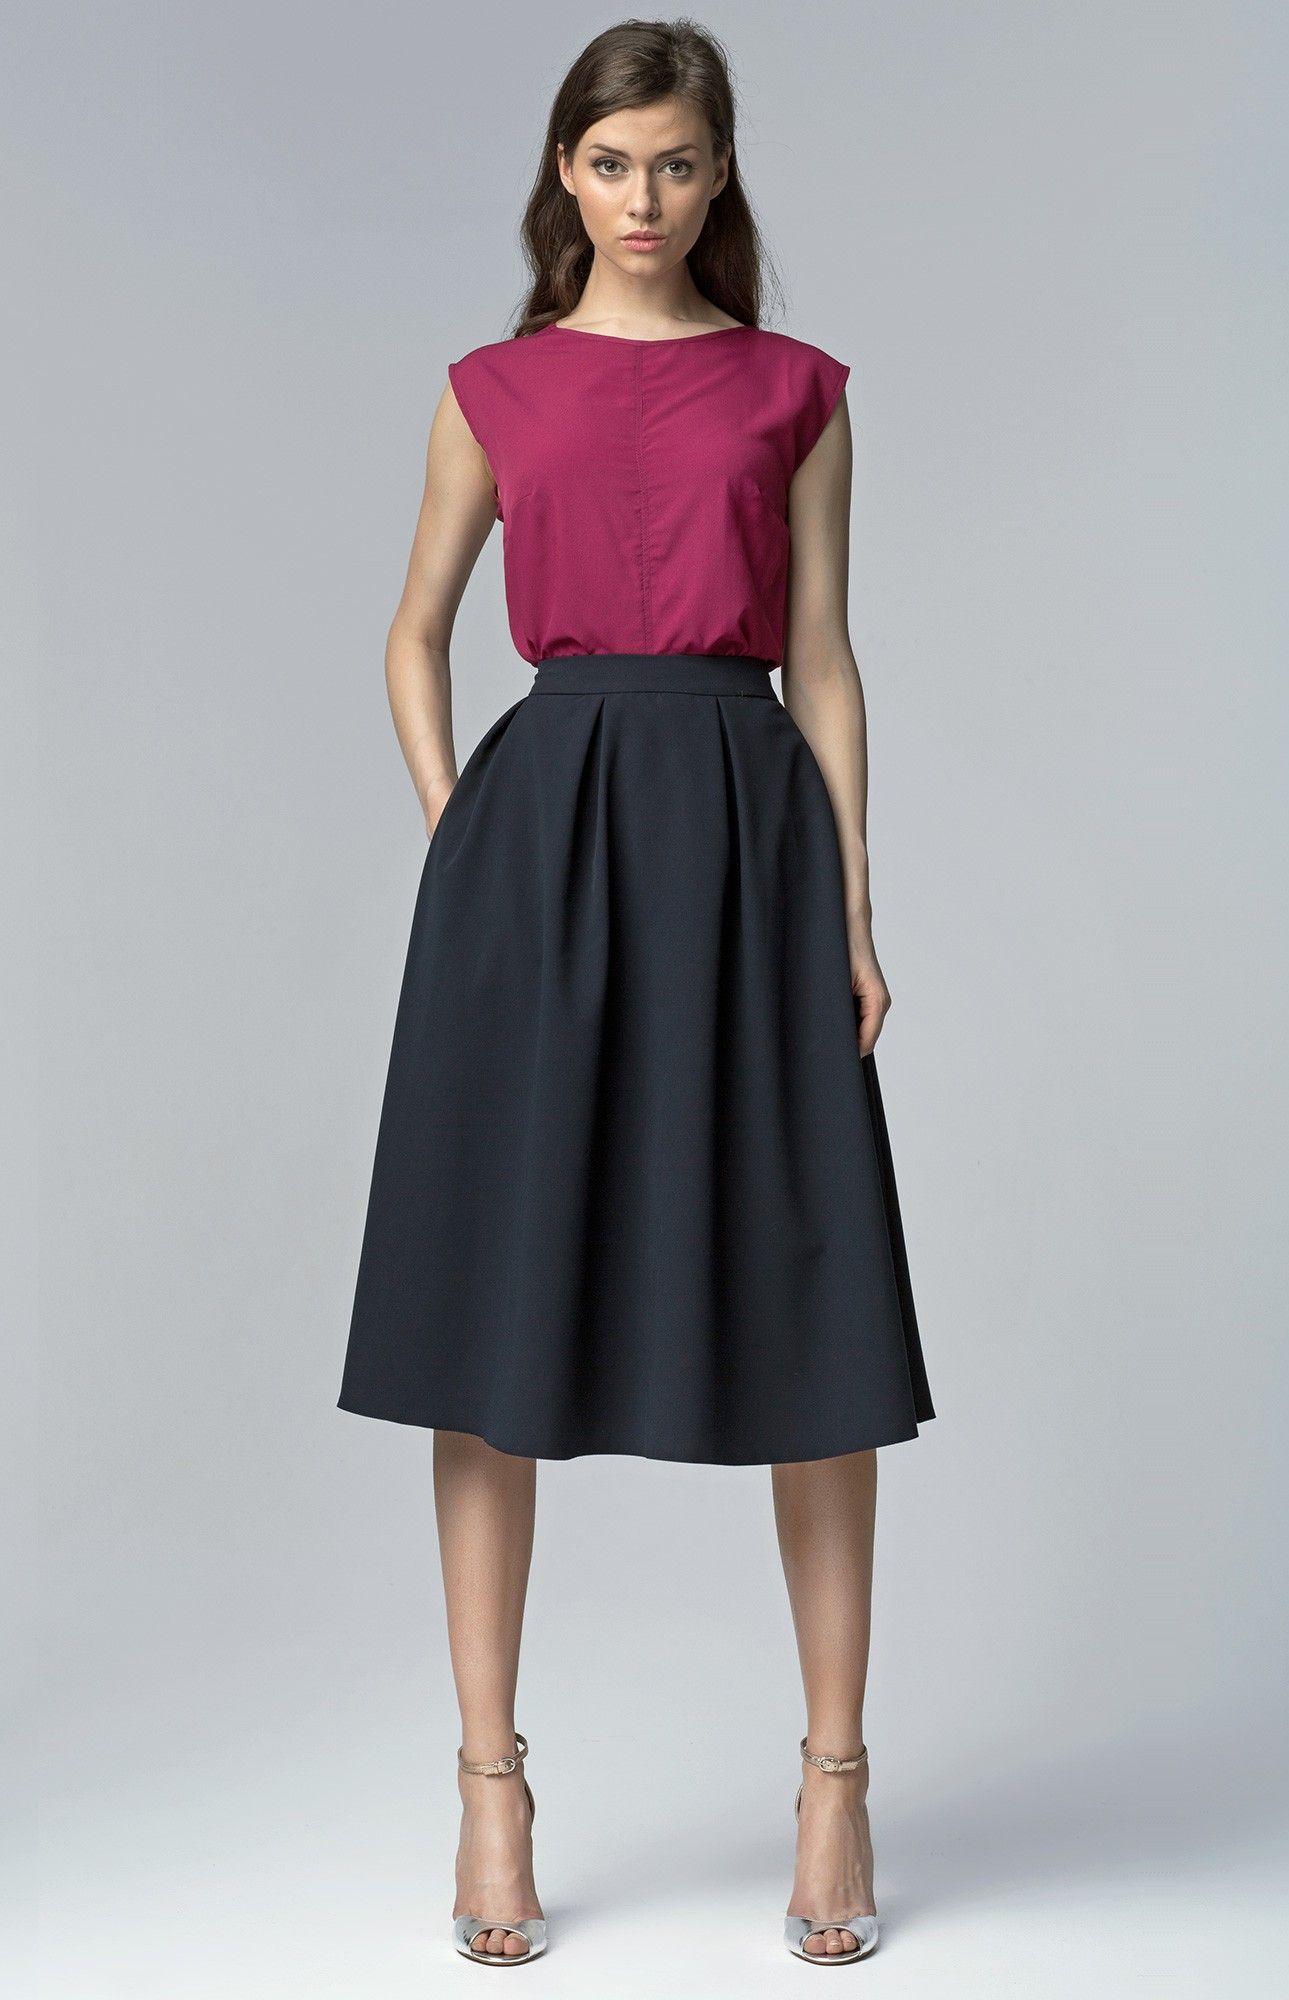 Jupe ample bleu marine, Jolie jupe évasée très chic.Adoptez cette jolie jupe  élégante pour le bureau ou pour sortir. La belle ampleur et la taille  ceinturée ... ca2bc70068a